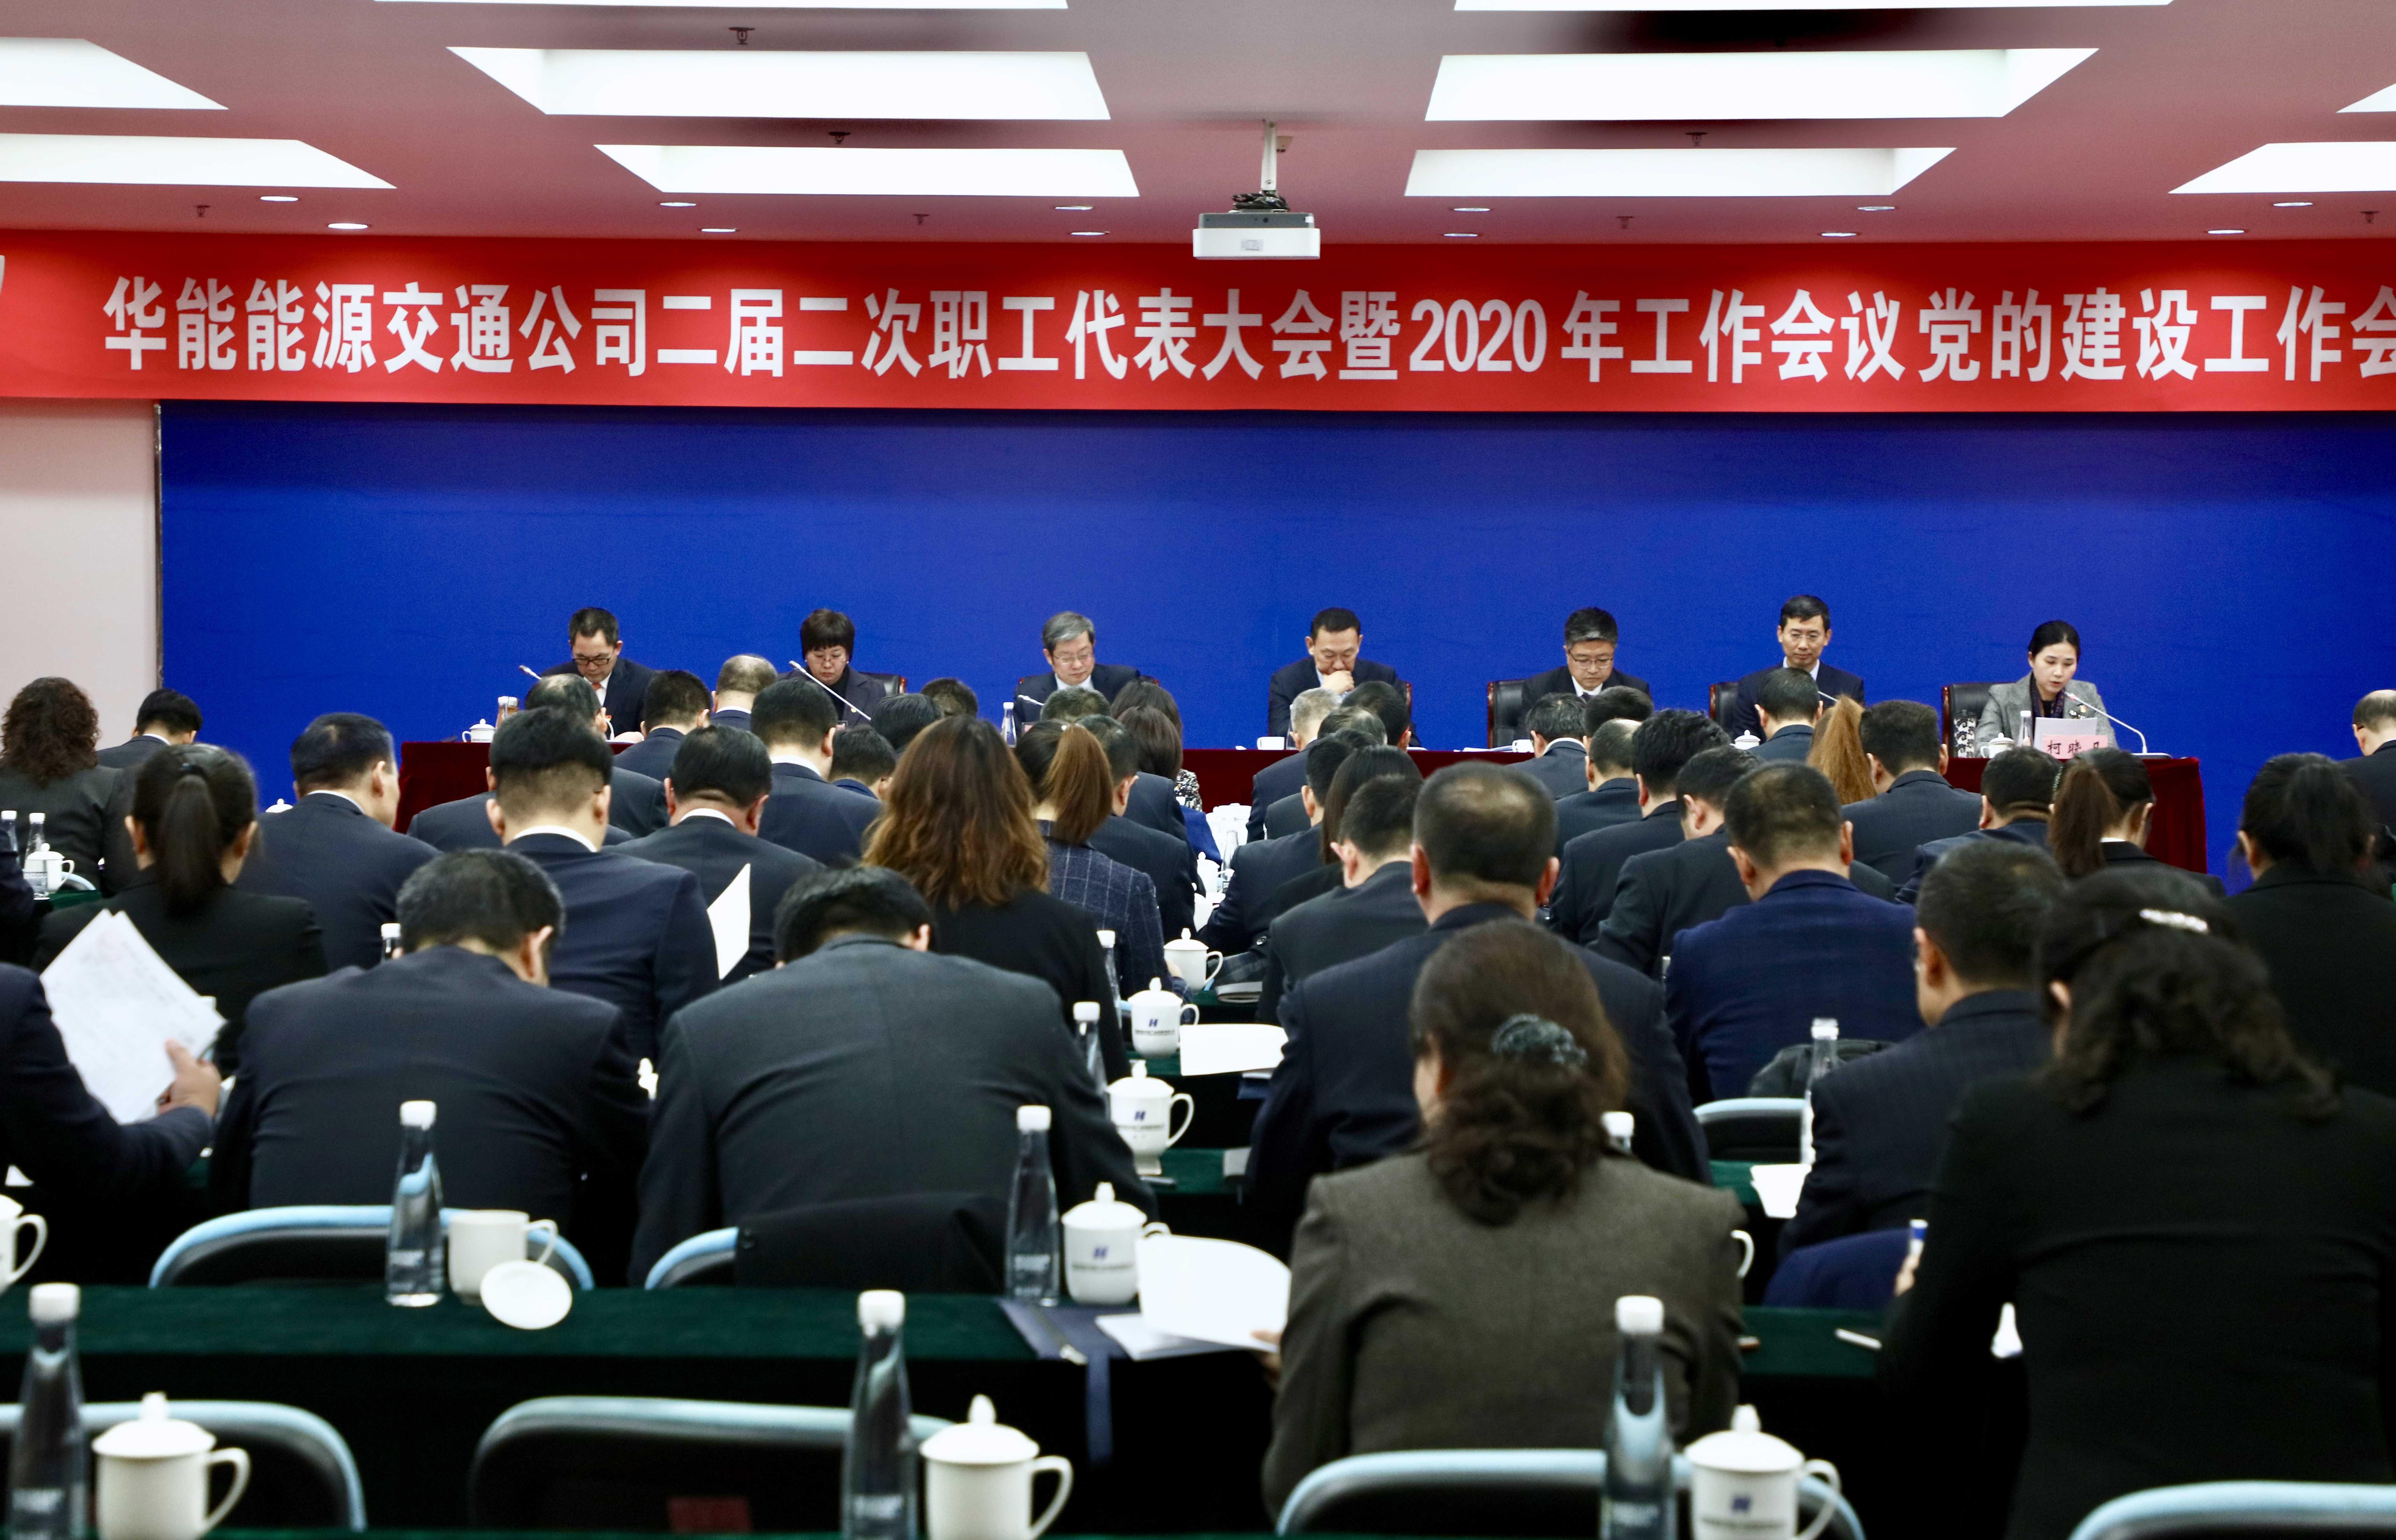 公司二屆二次職代會暨2020年工作會議、黨的建設工作會議在京召開